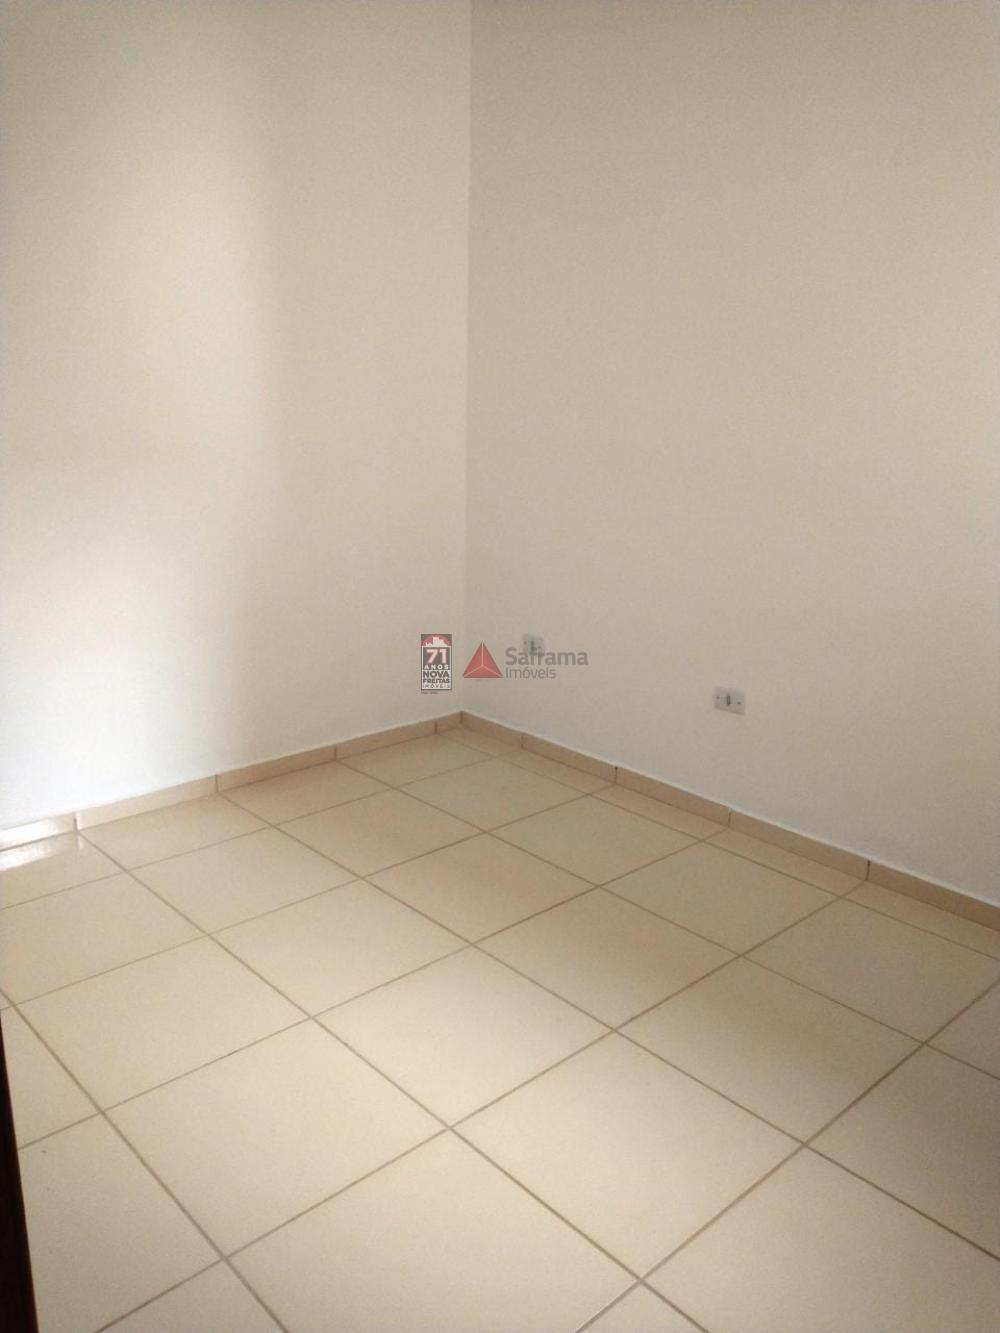 Comprar Casa / Padrão em Pindamonhangaba apenas R$ 159.000,00 - Foto 9